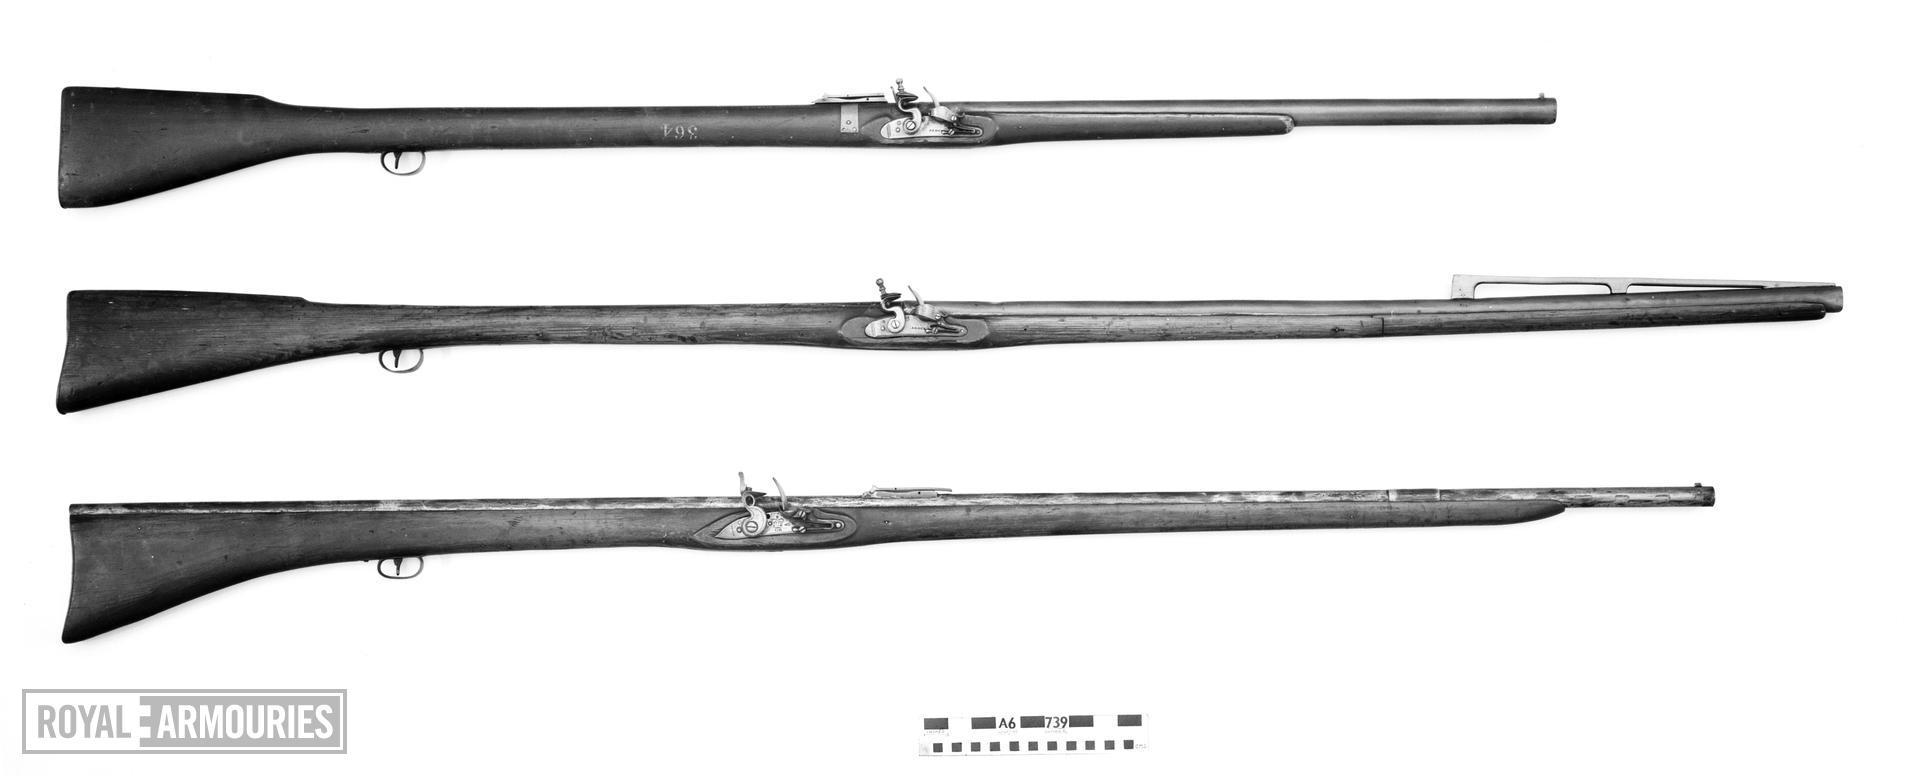 Flintlock rocket launcher - By A. Lock